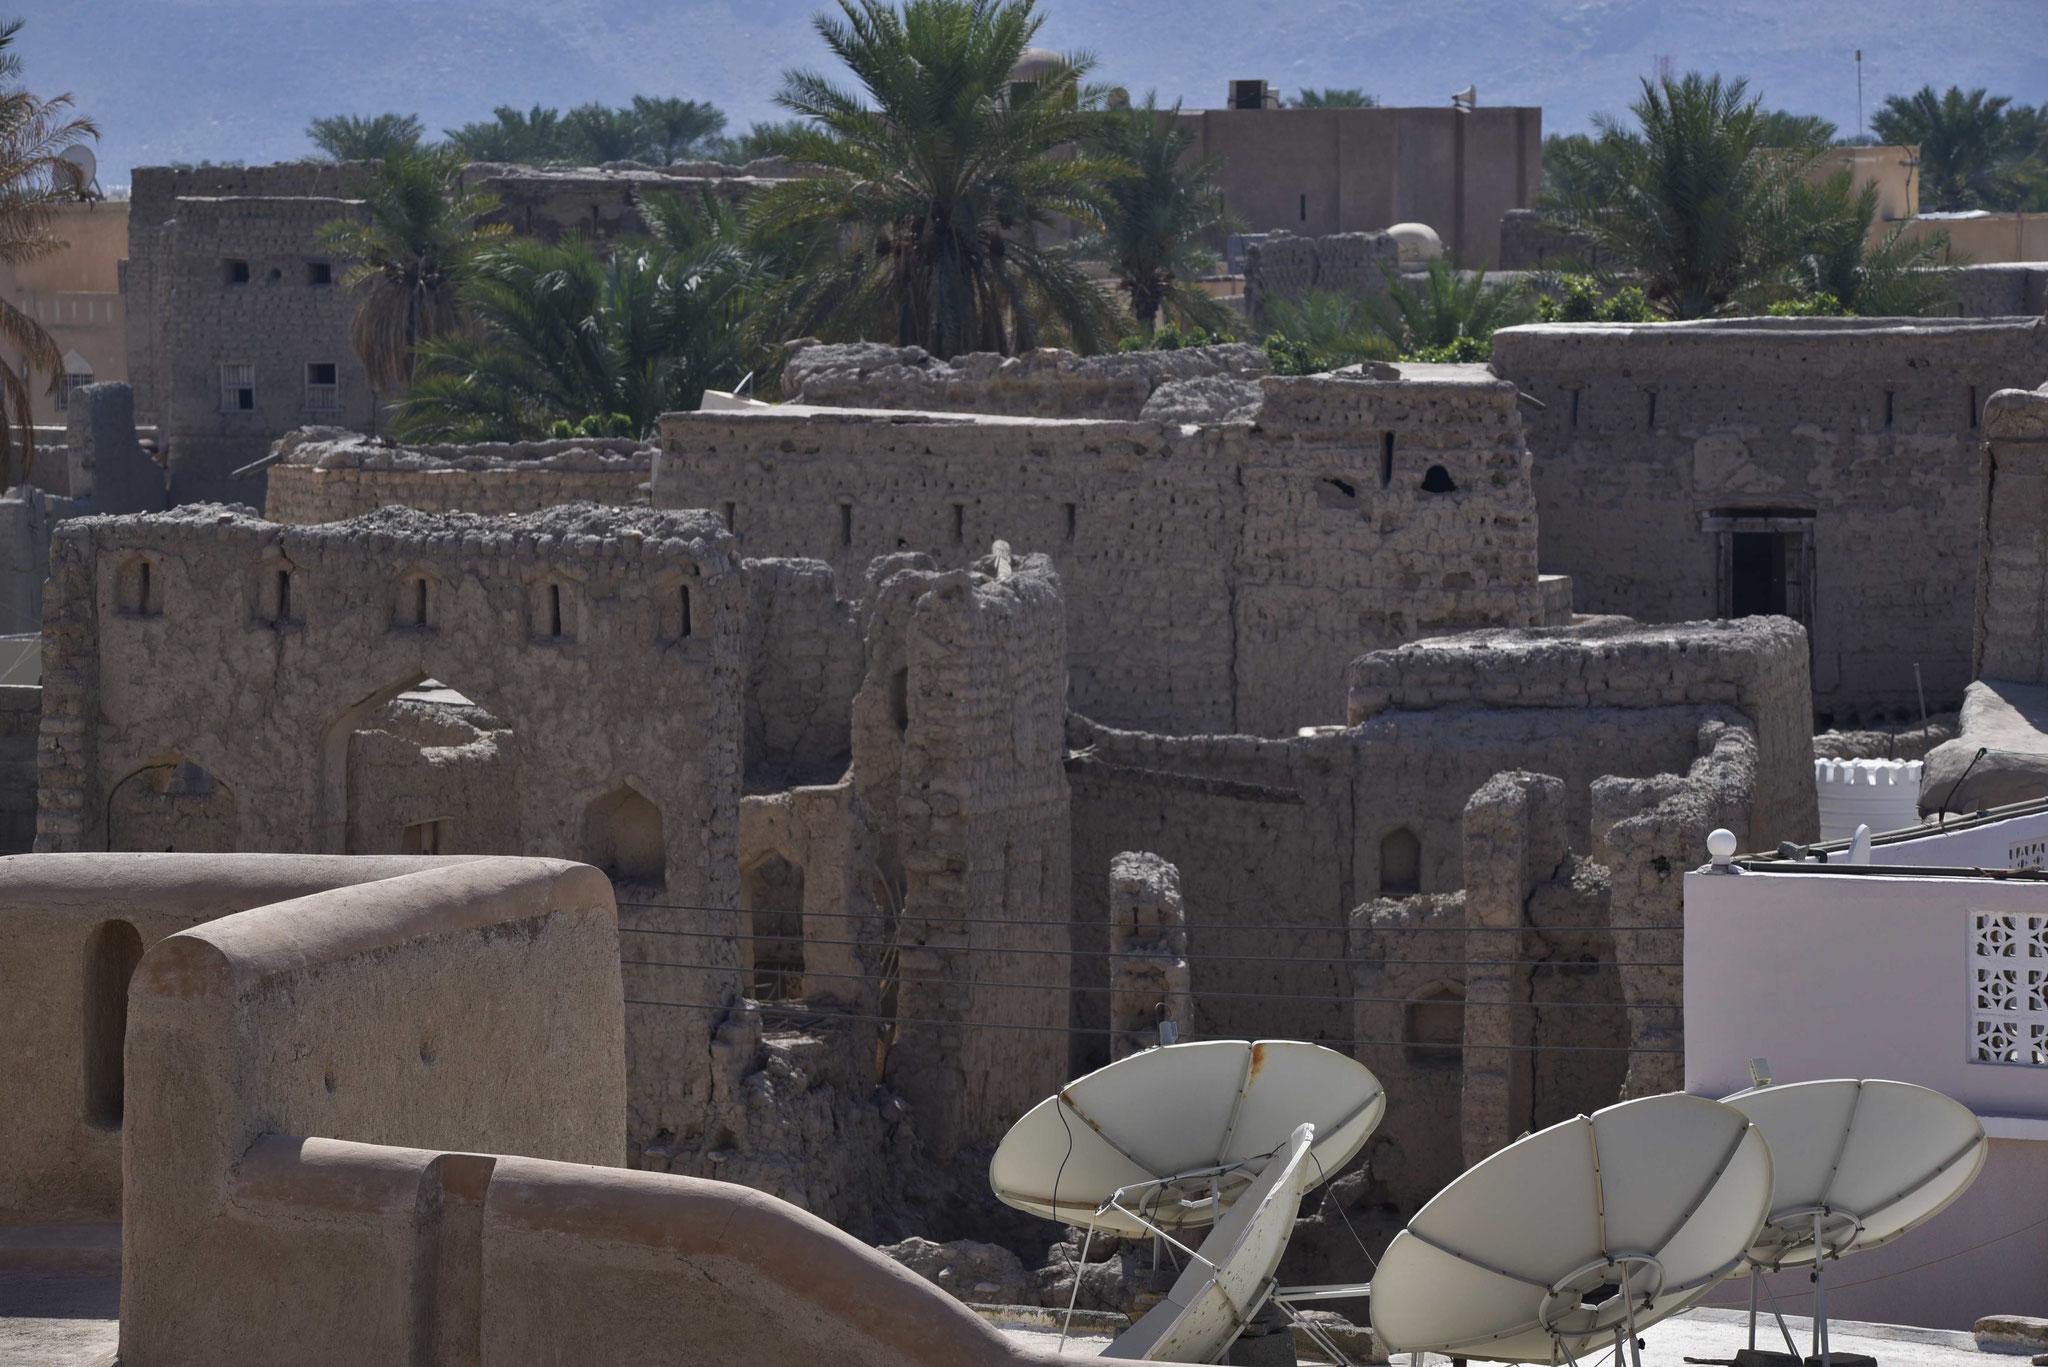 Blick auf Lehmhäuser vom alten Nizwa